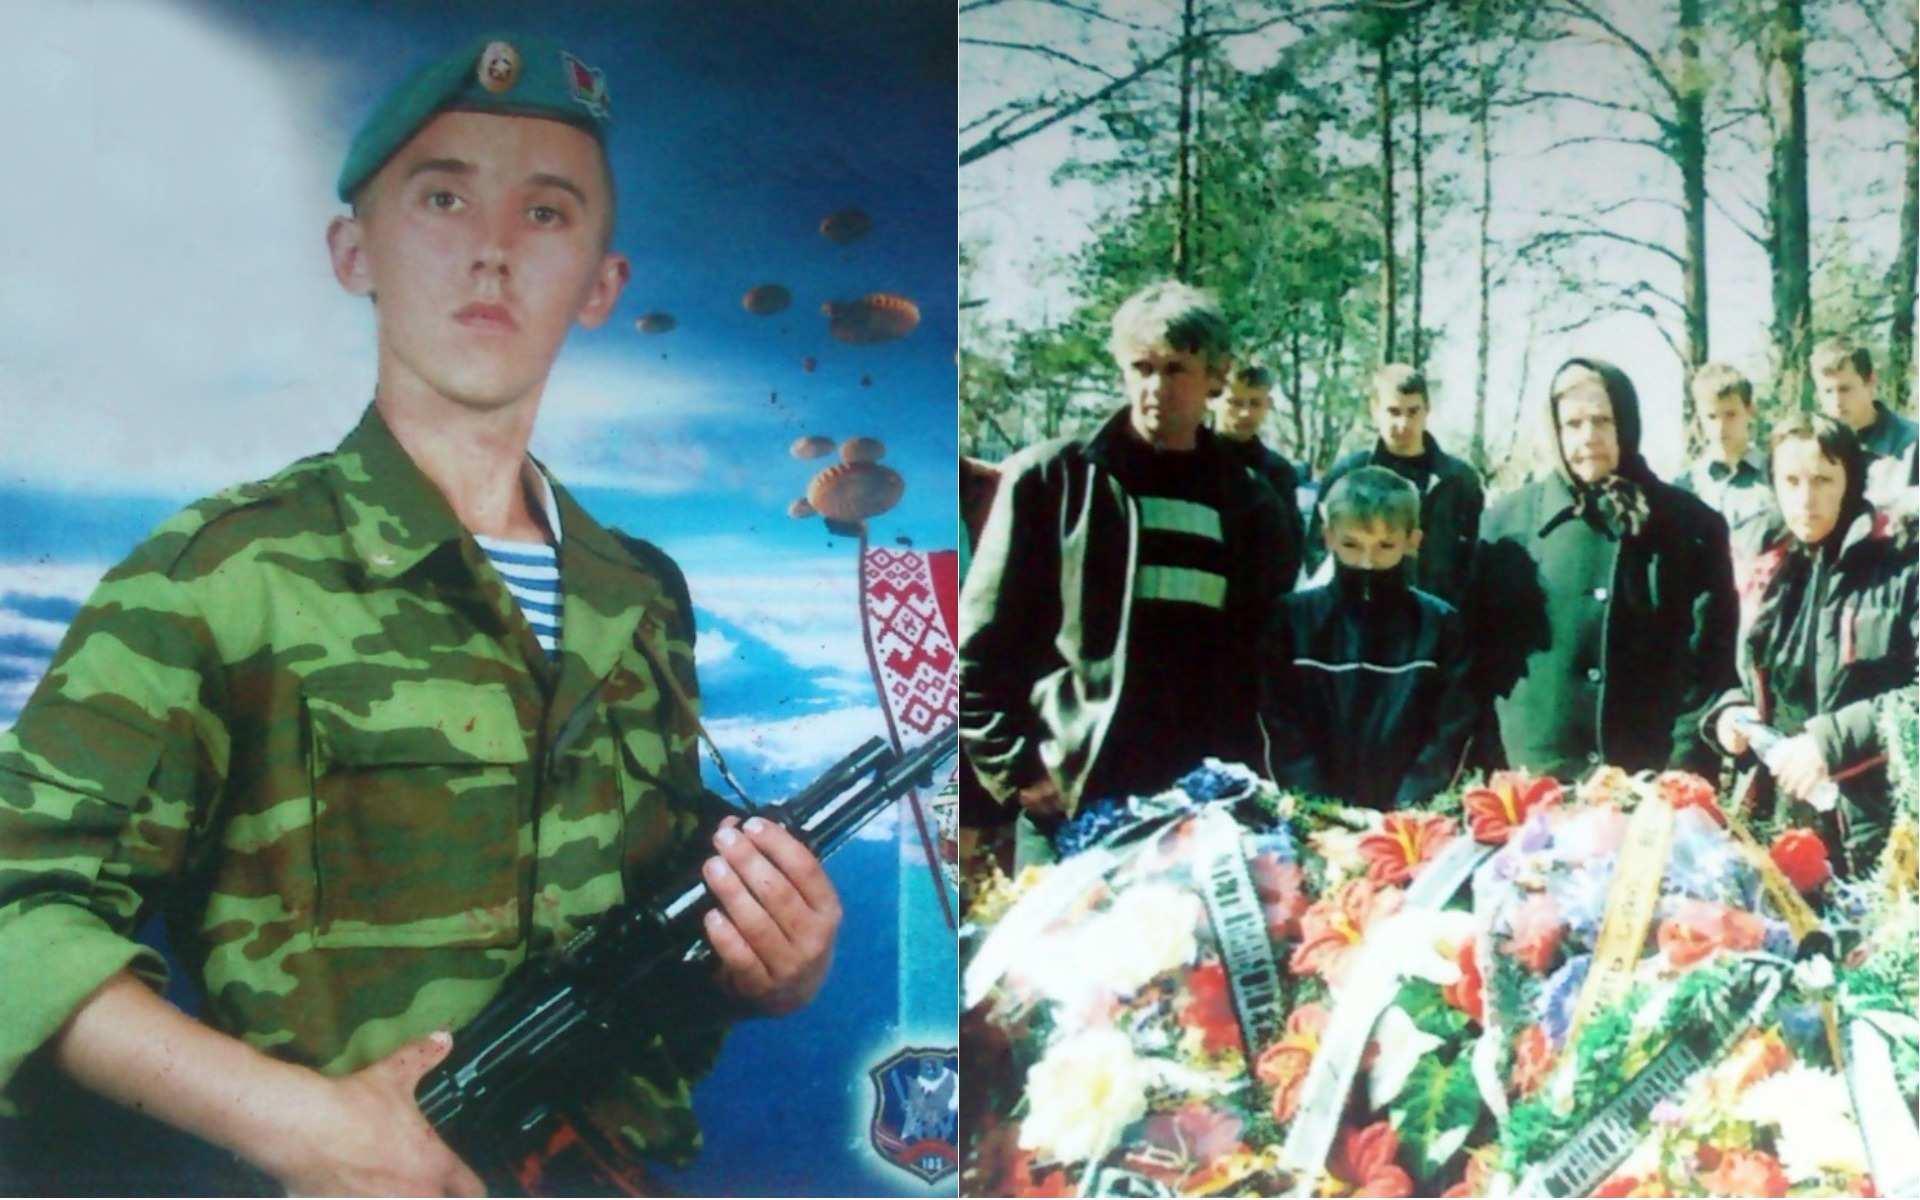 Вадим Юшко служил в 103-й гвардейской воздушно-десантной бригаде, которая считается элитной воинской частью в Беларуси. Командиром бригады в то время был нынешний министр обороны Андрей Равков, его фото хранится в солдатском альбоме погибшего Вадима.